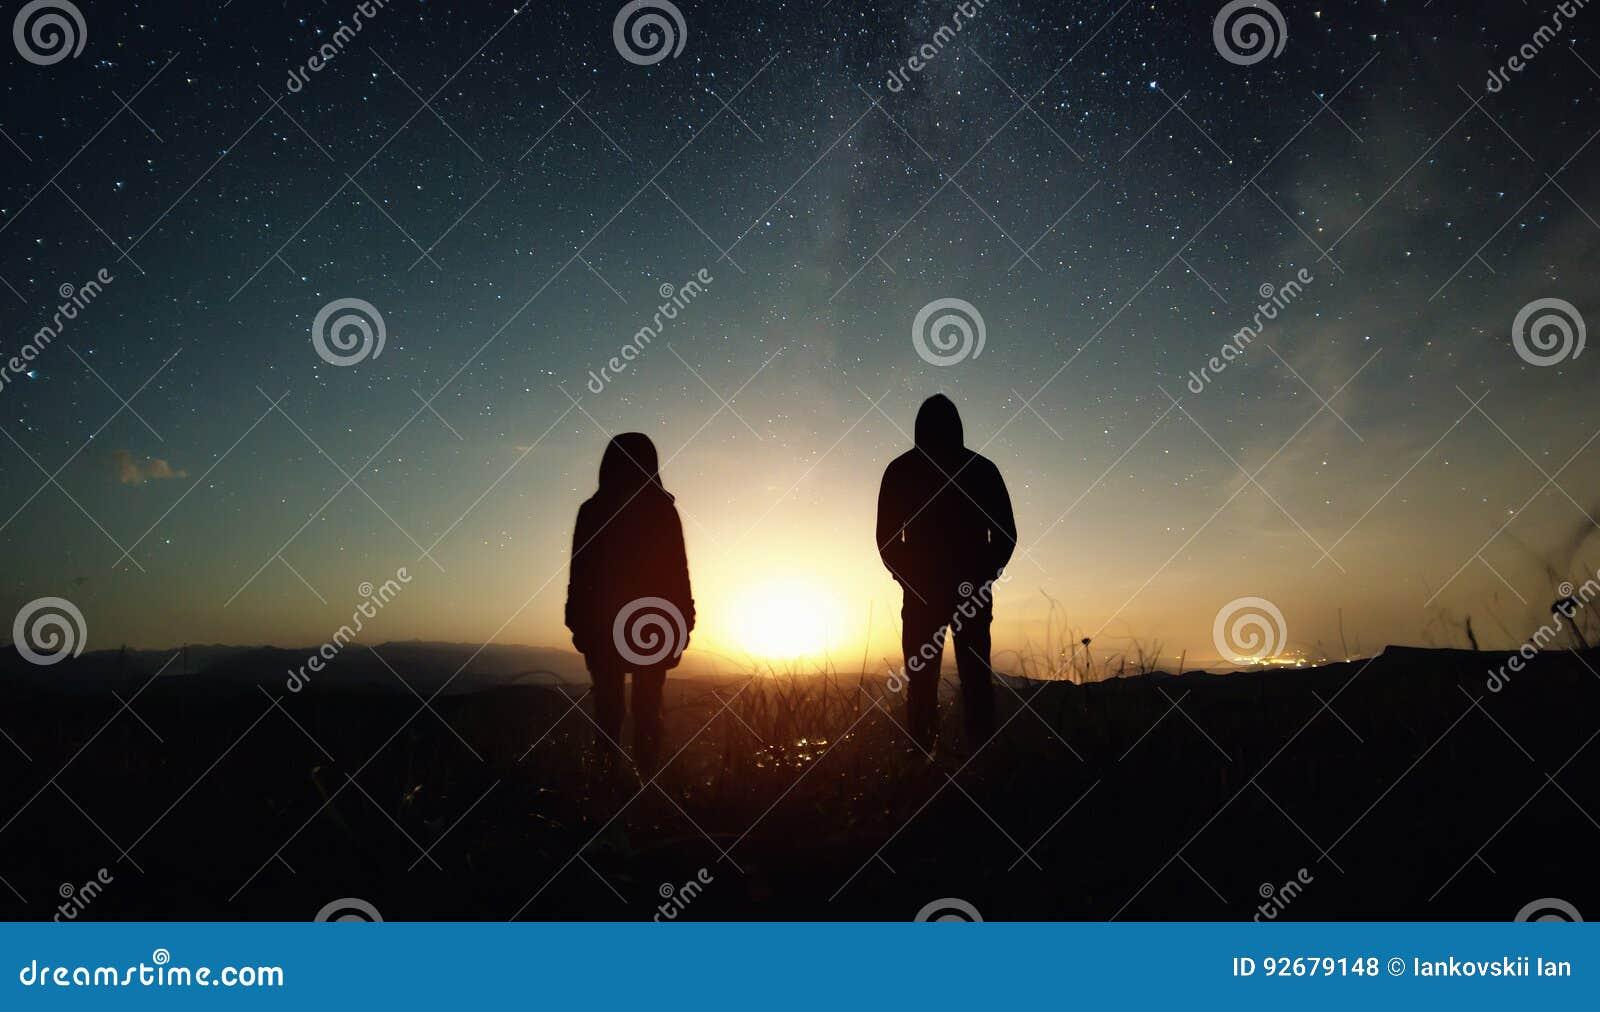 O homem e a mulher de um par povos estão no por do sol da lua sob o céu estrelado com estrelas brilhantes e uma Via Látea